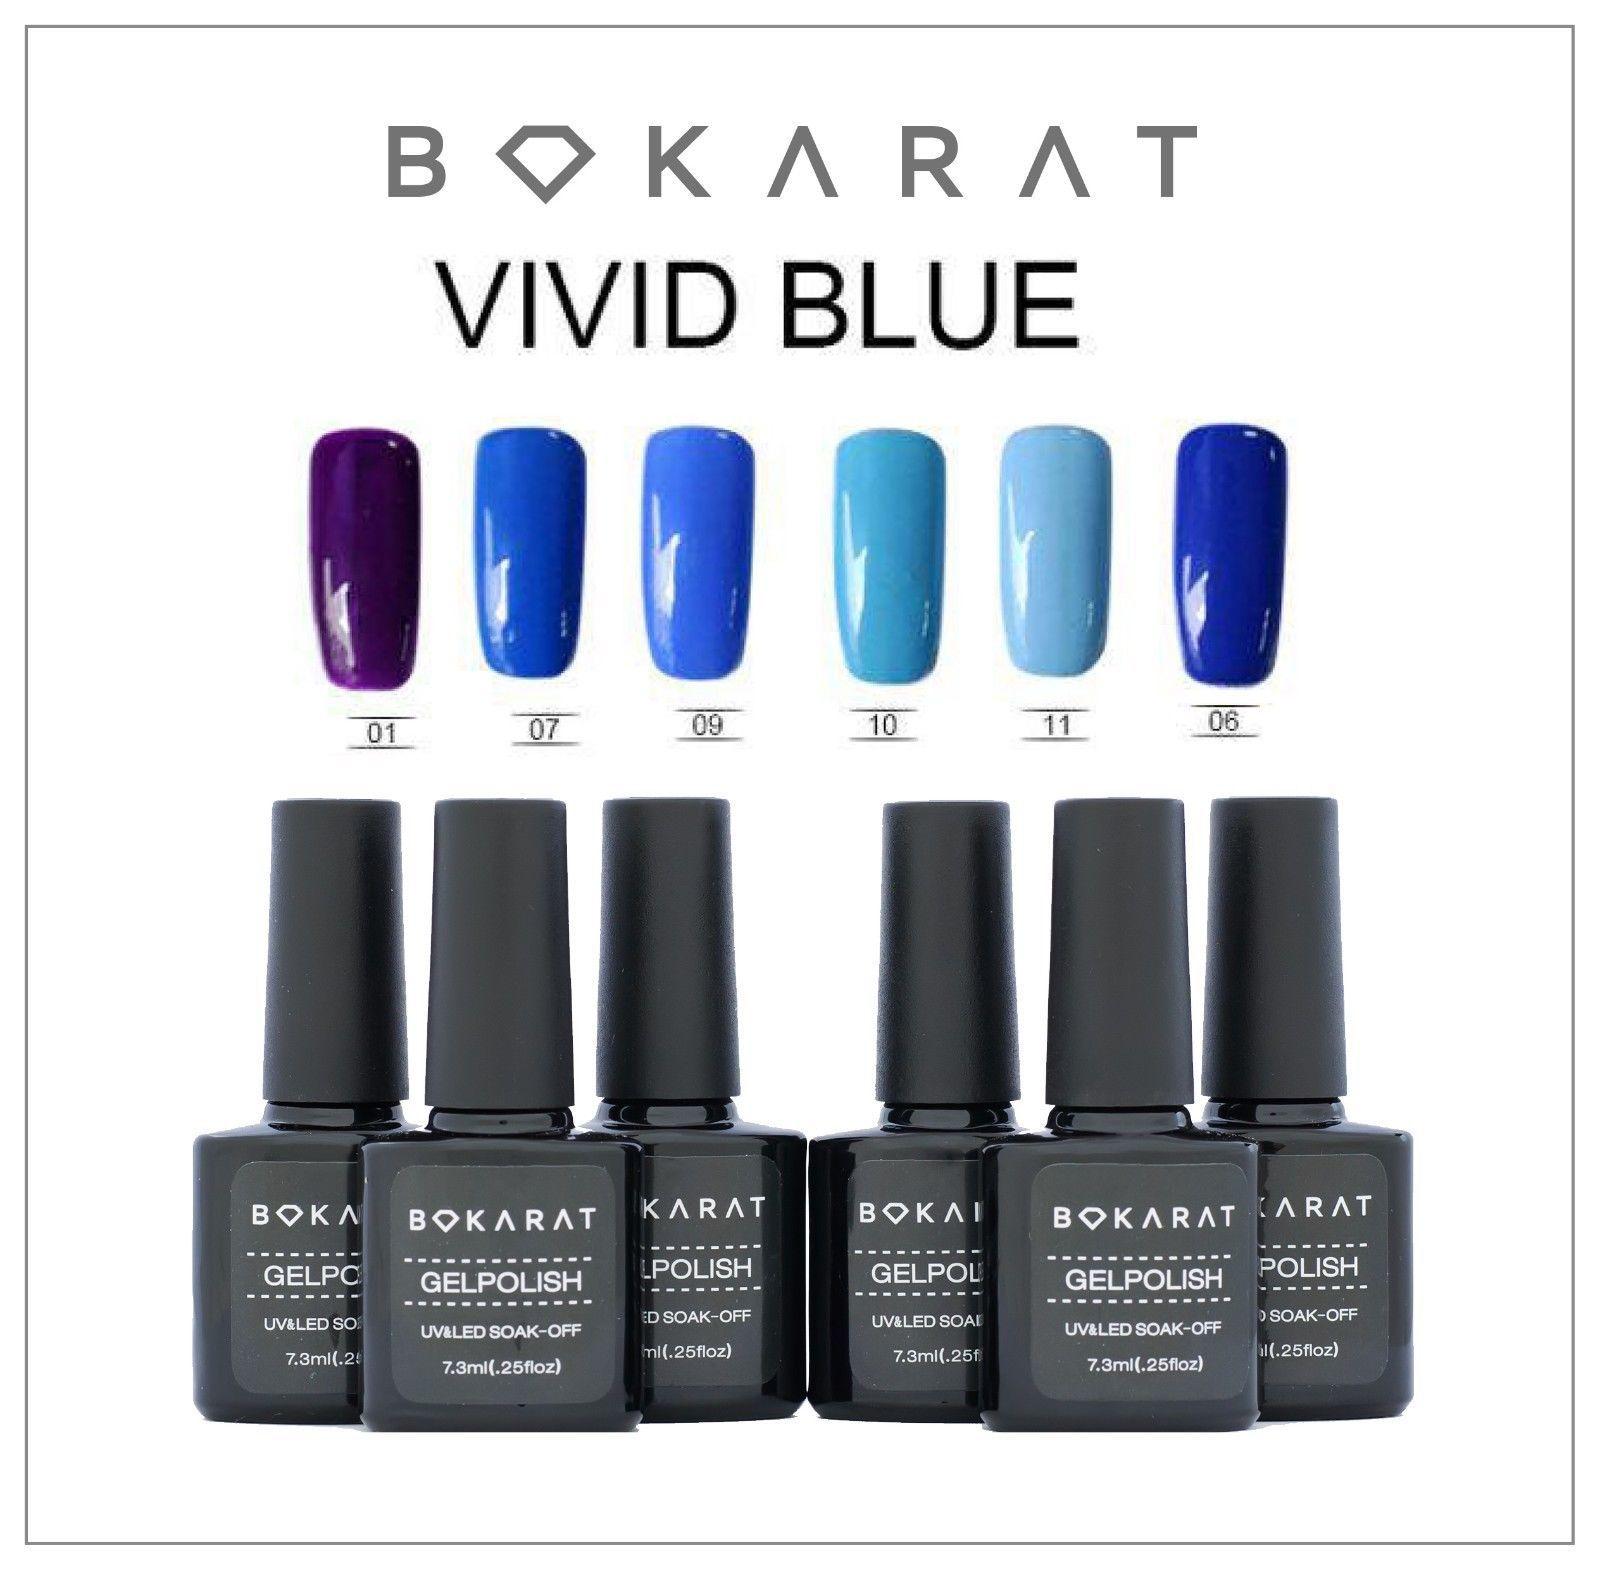 Bokarat Soak Off UV LED Vivid Blue Series Gel Nail Polish 6 Bottles x 7.3ml Set